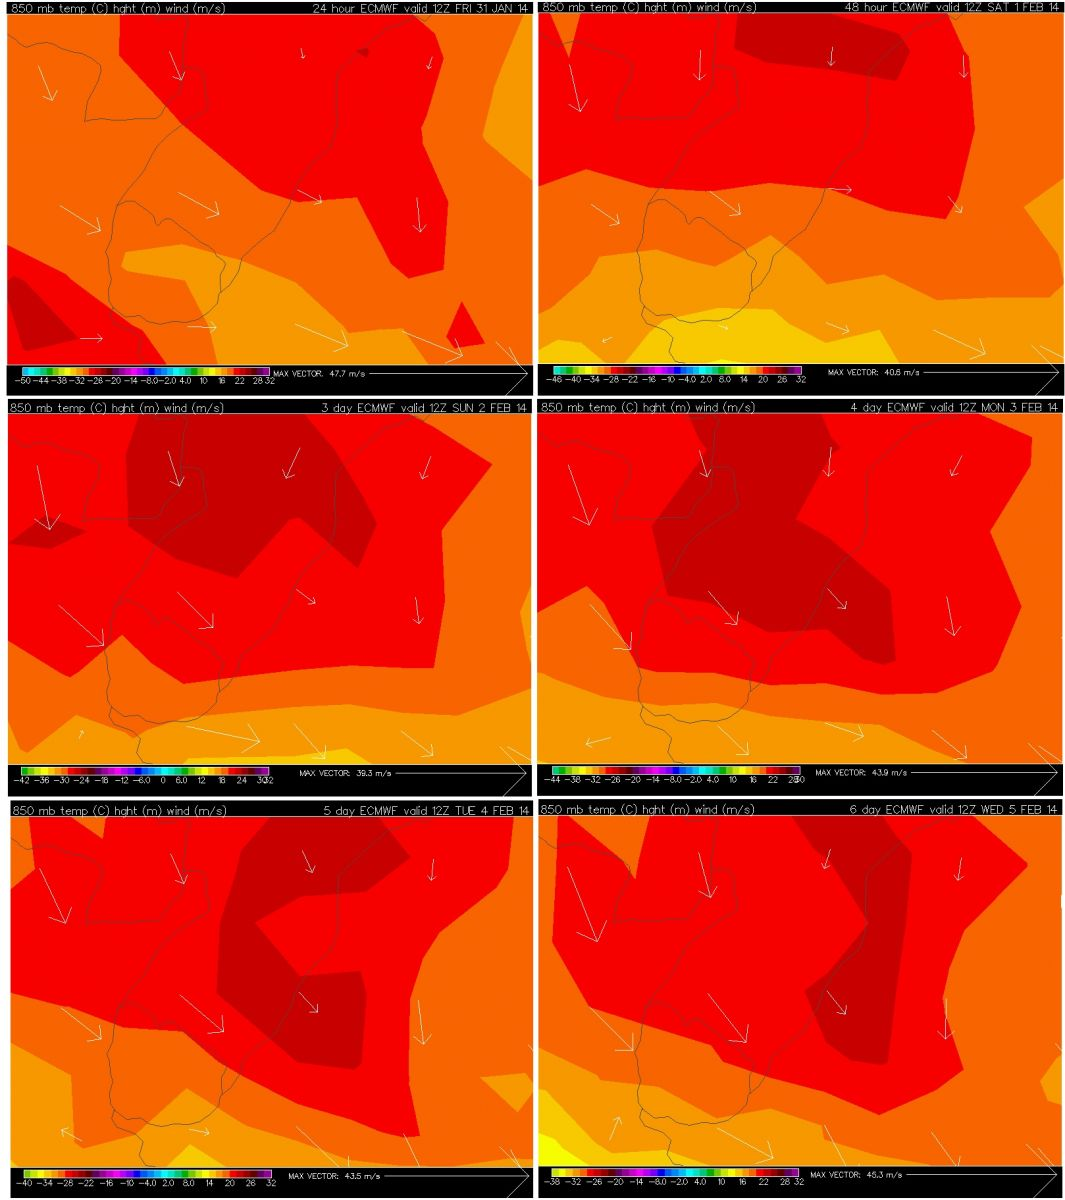 Onda de calor entra em nova fase e ganhará força no fim de semana